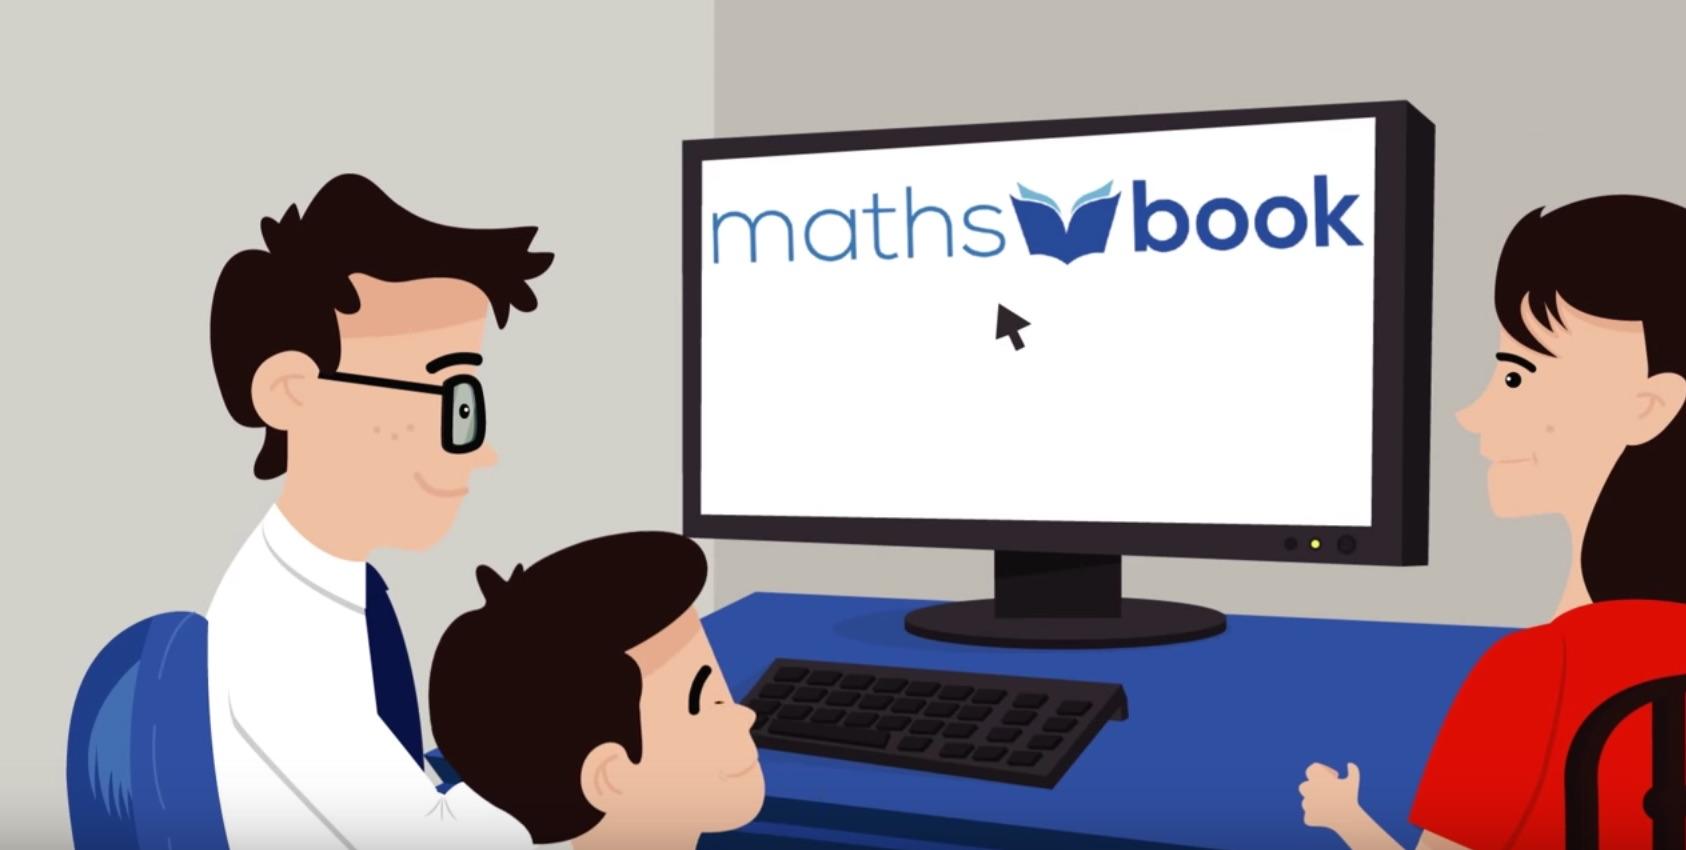 Vidéo de présentation de Mathsbook